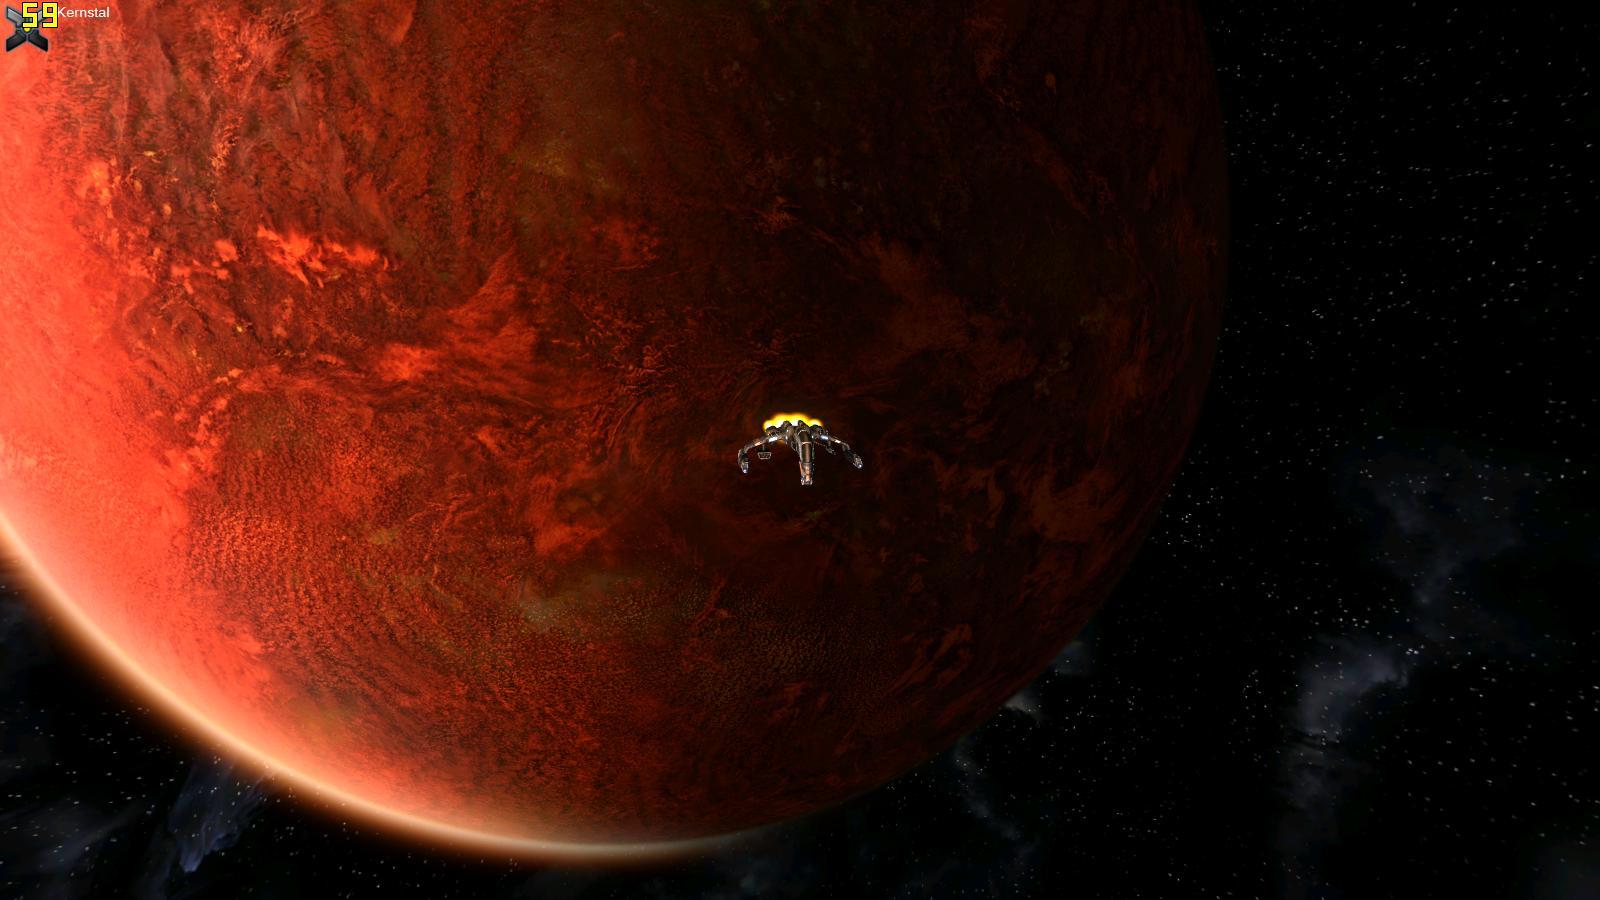 浴火银河2pc版_《浴火银河2》pc版评测:太空策略力作